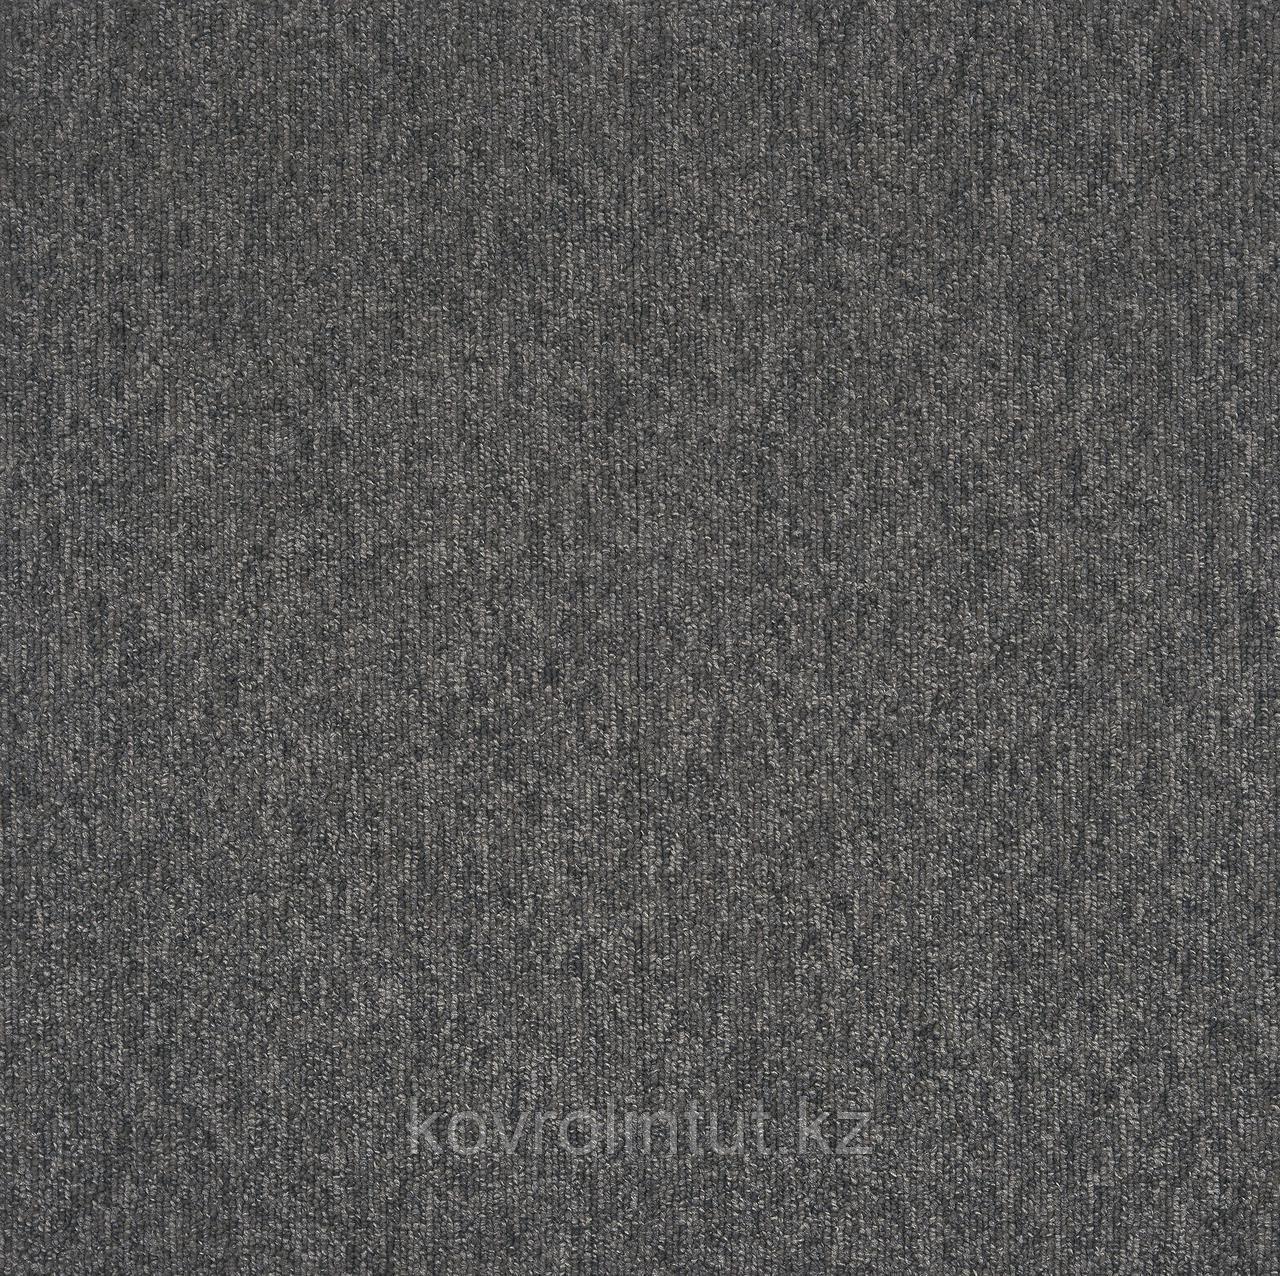 Ковровая плитка с КМ2 Galaxy Light Таркетт (Tarkett) 31686